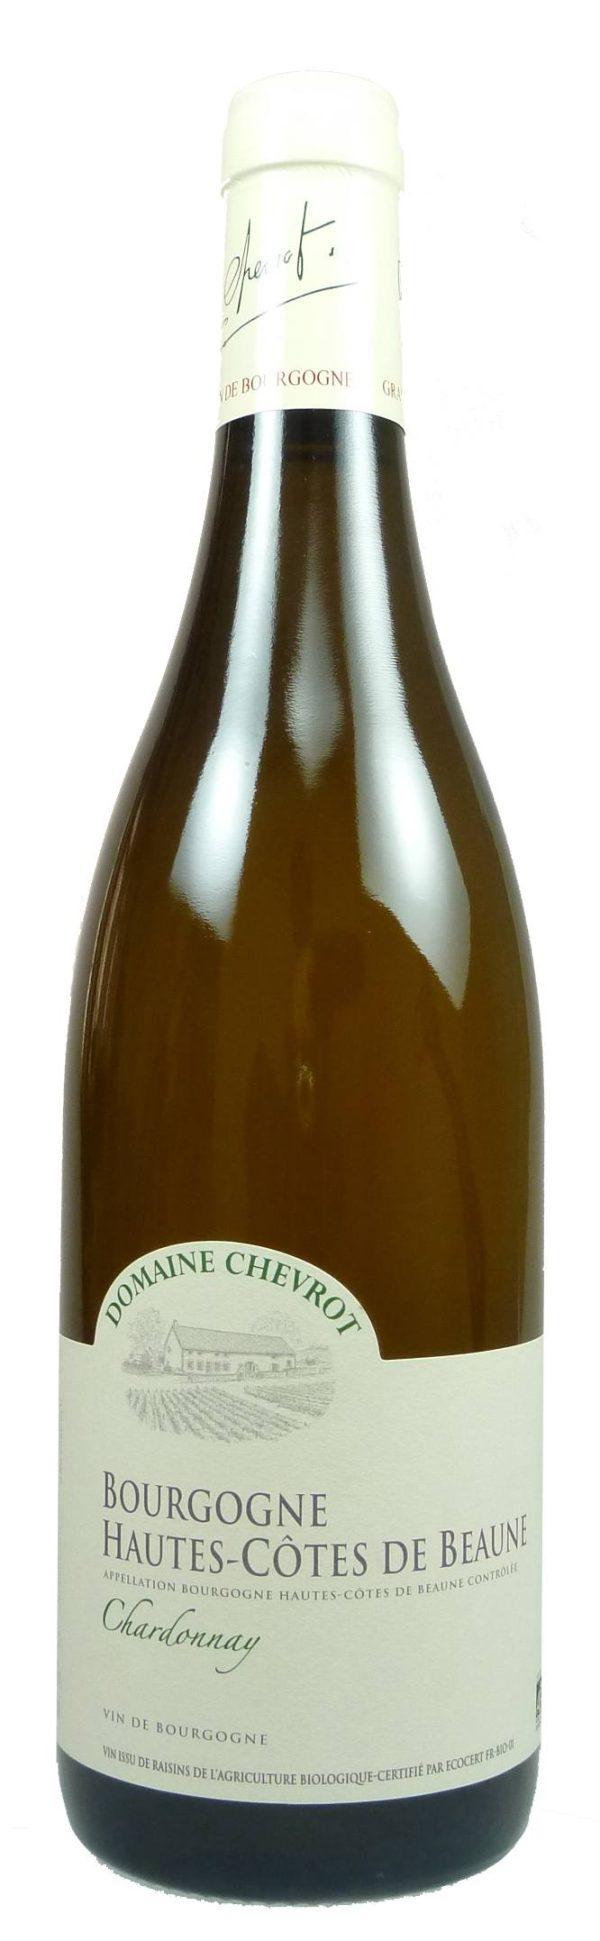 Bourgogne Hautes Côtes de Beaune blanc bio 2015